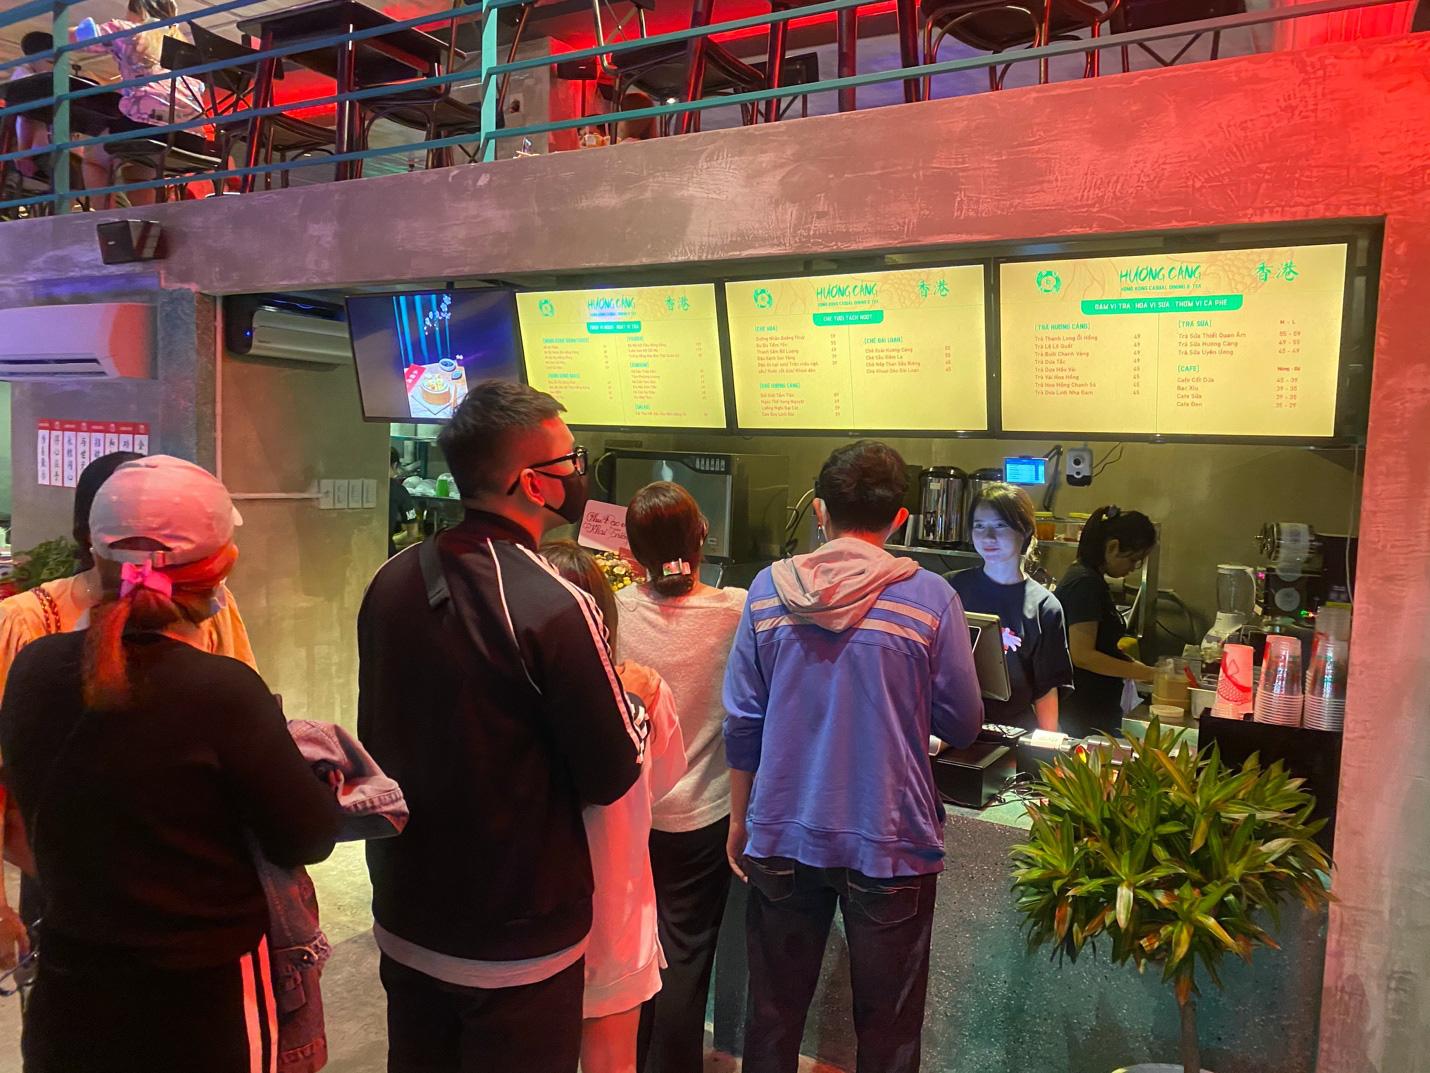 Kỳ lạ dân Sài Gòn nửa đêm xếp hàng ăn món Hoa - Ảnh 1.